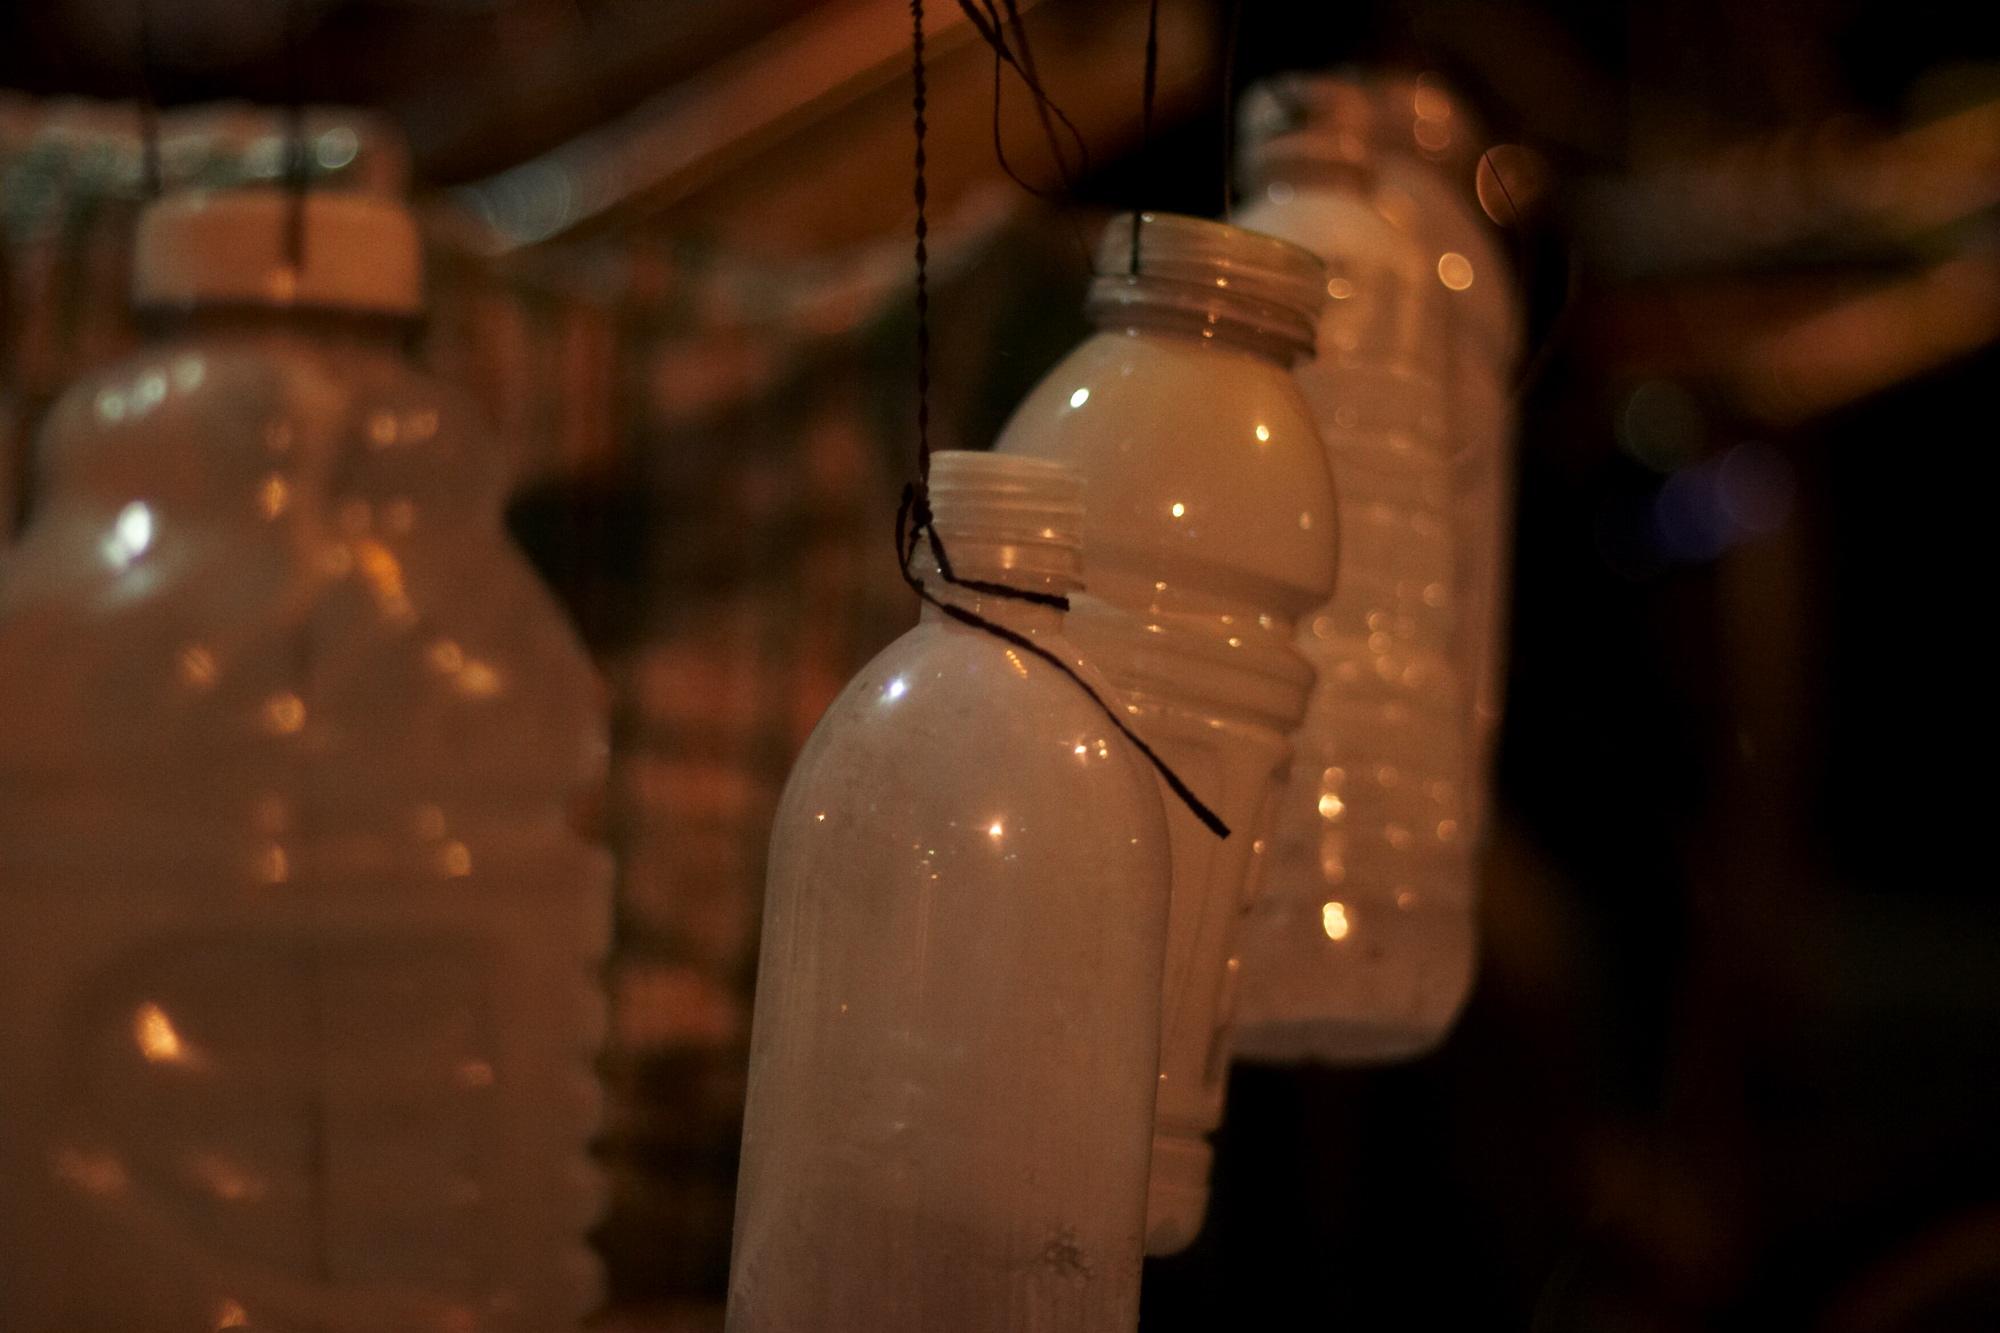 TH2_bottles